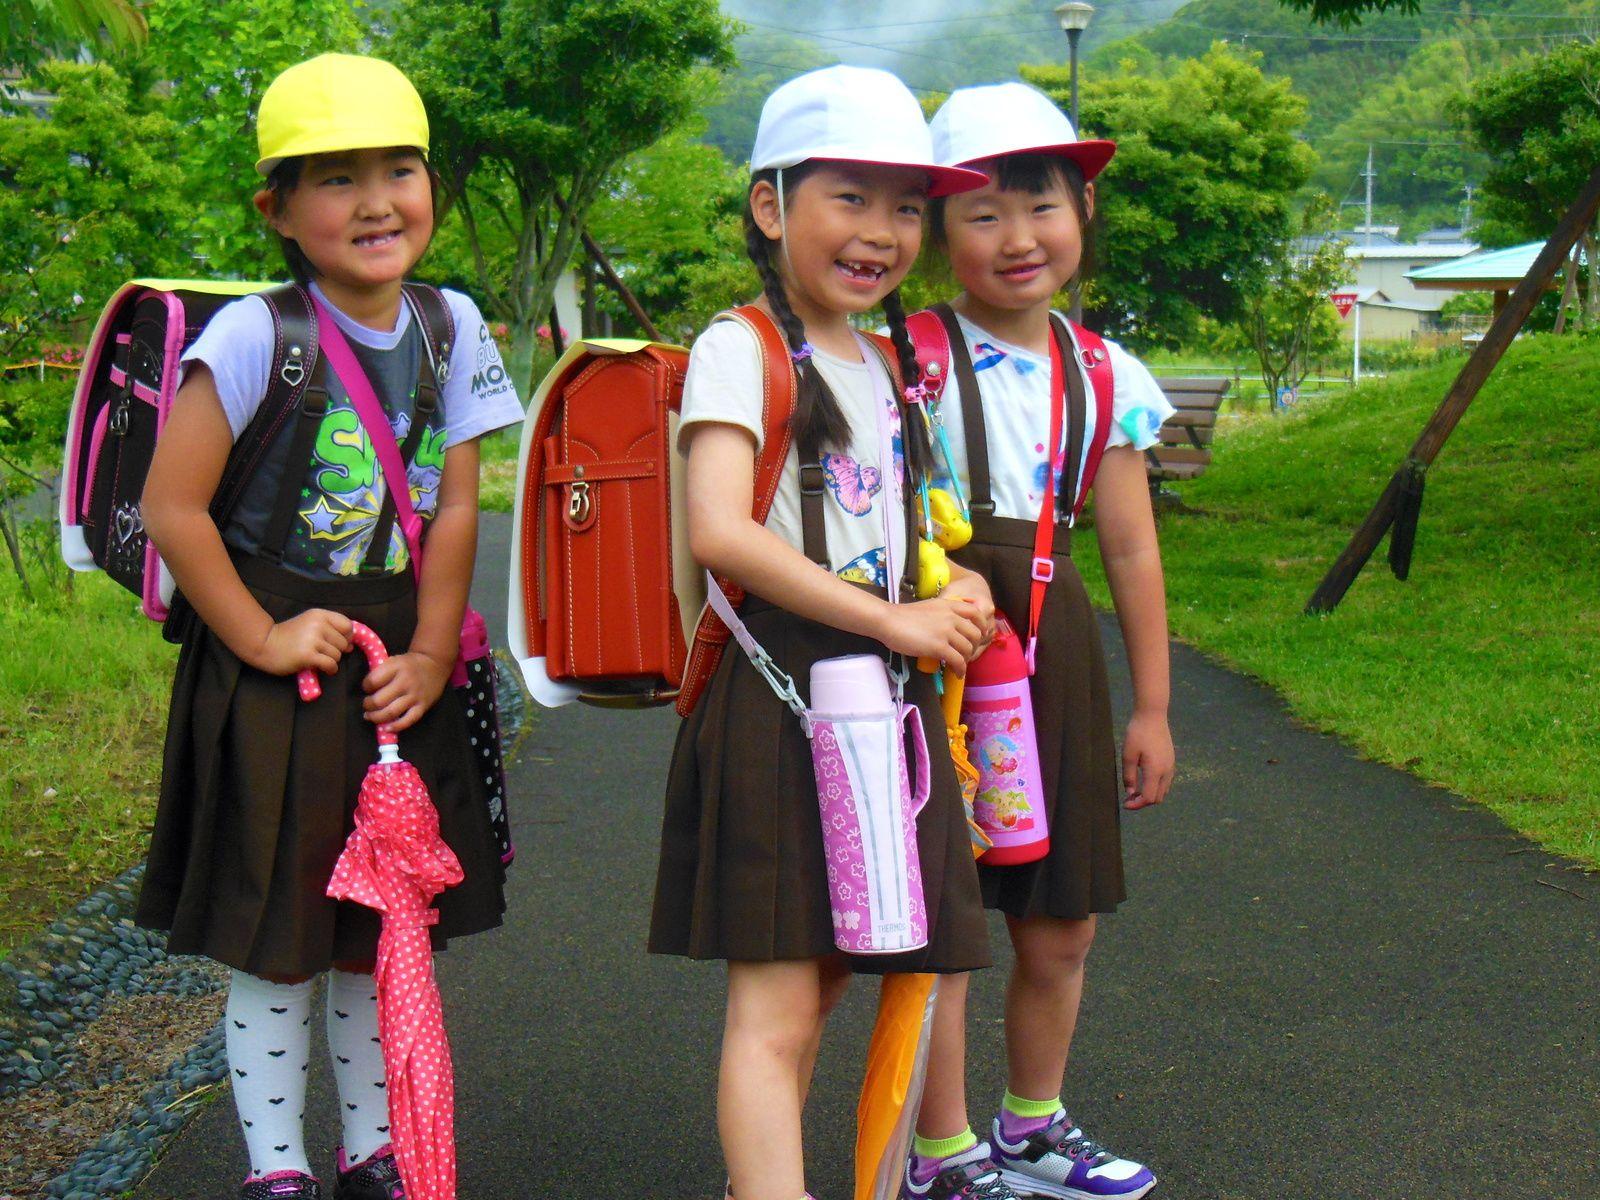 1/ Bivouac sur un parking 2/ Jeunes écolières 3/ Péninsule d'Izu 4/ Péninsule d'Izu